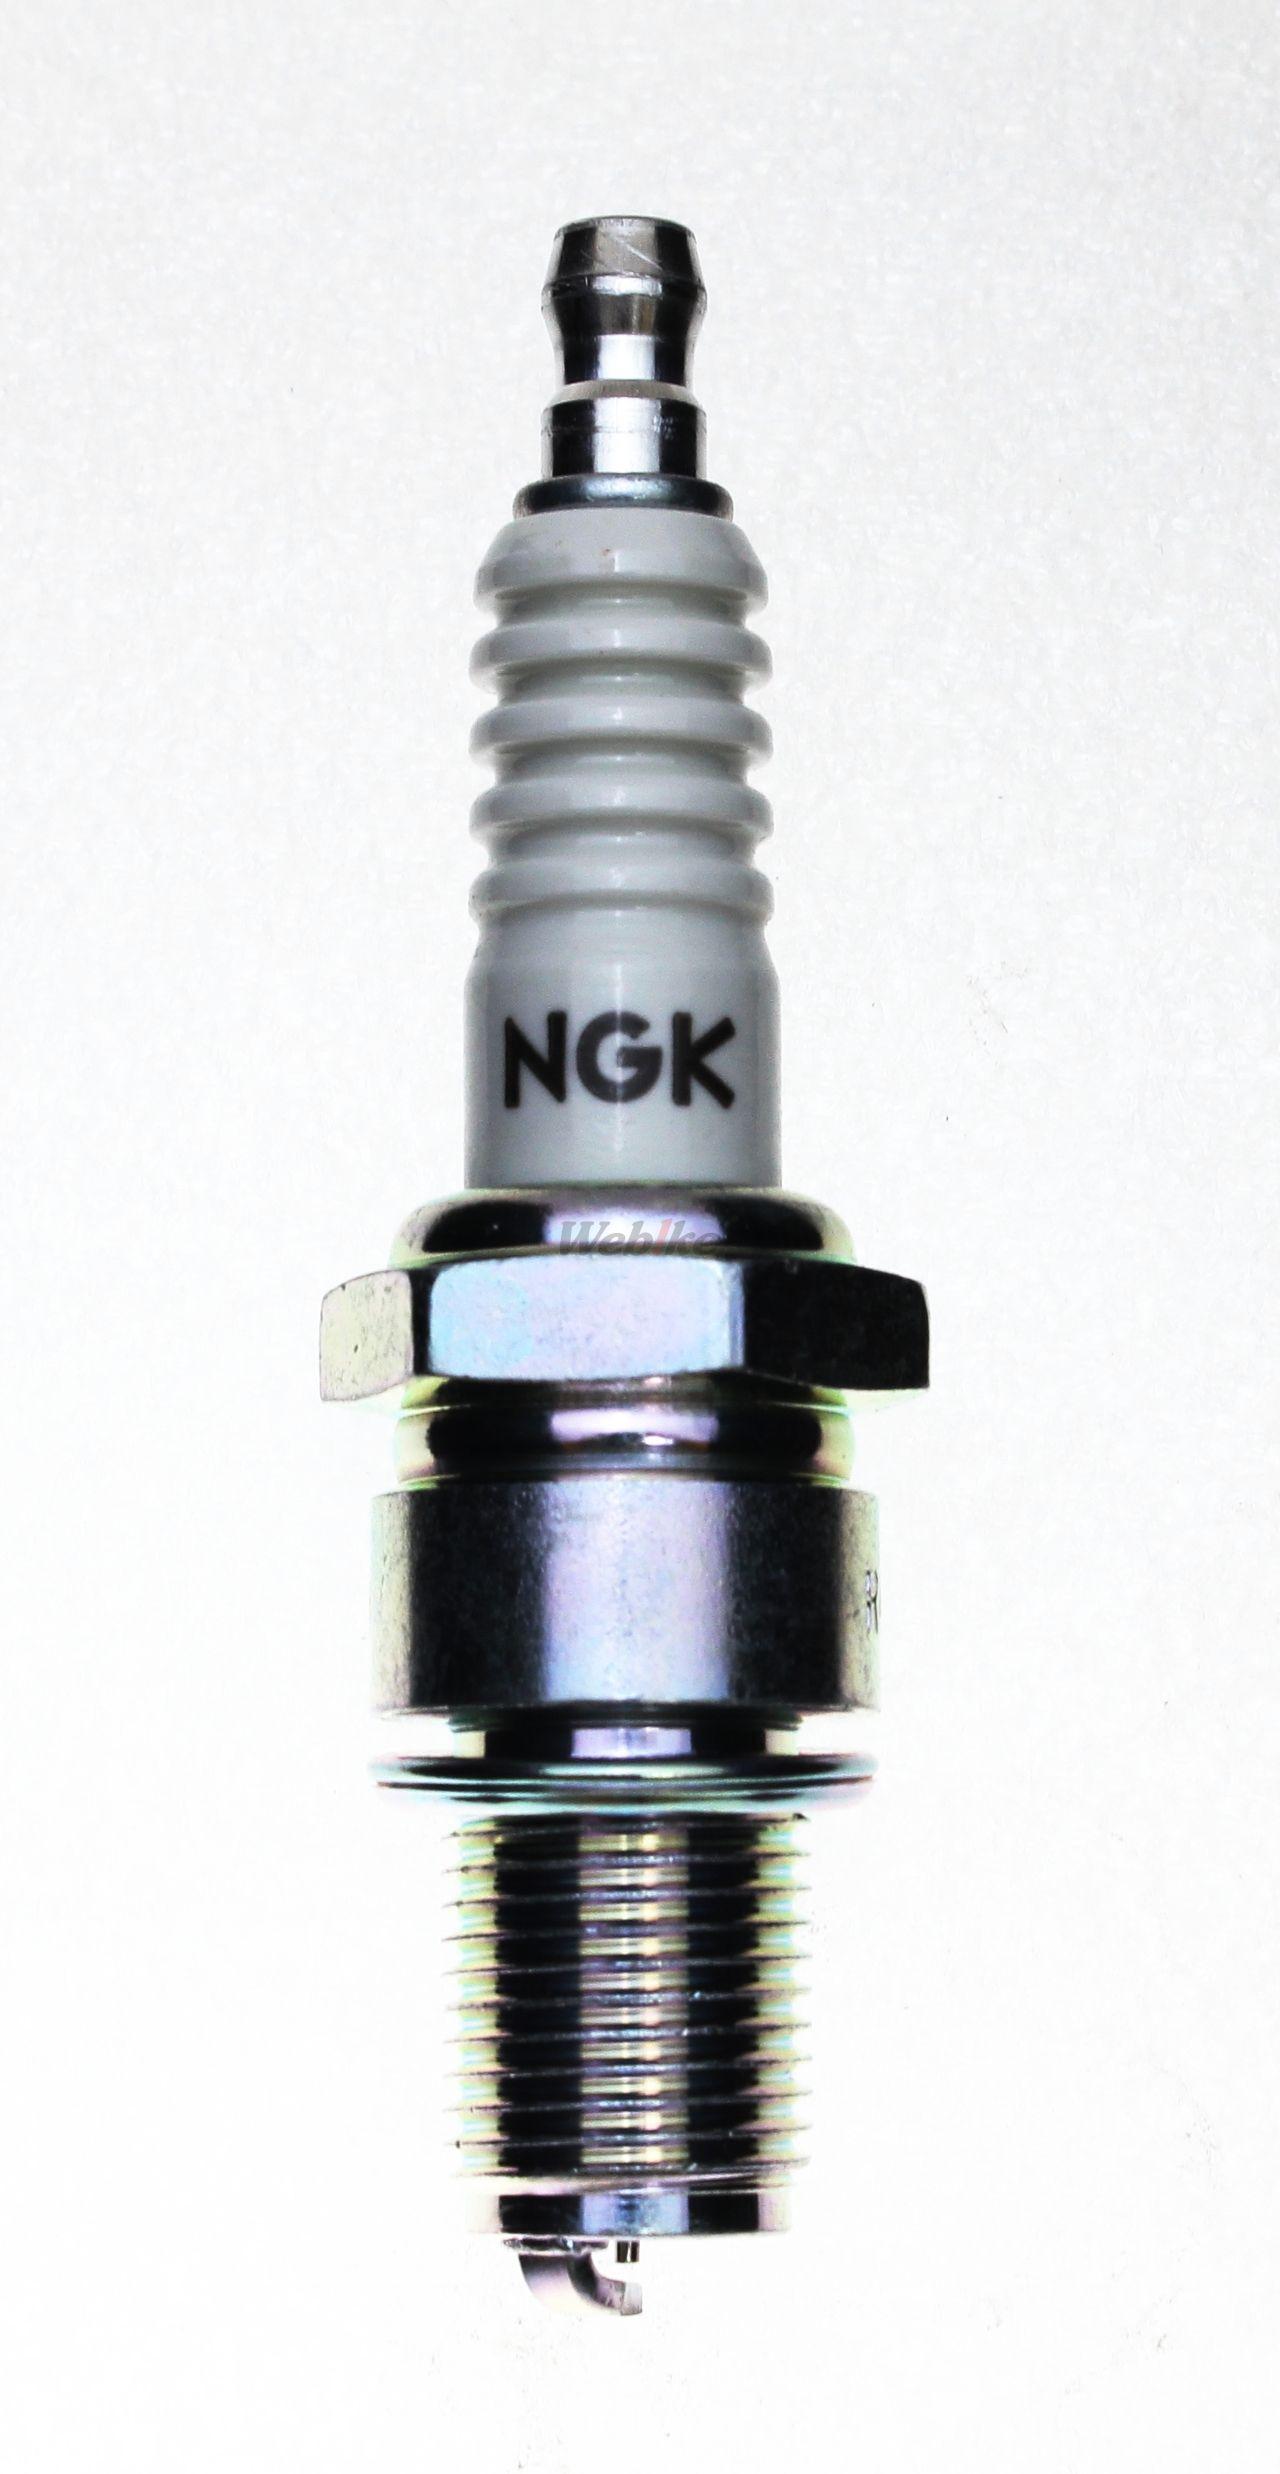 【NGK】競技型 火星塞 R4118S-8 3236 - 「Webike-摩托百貨」